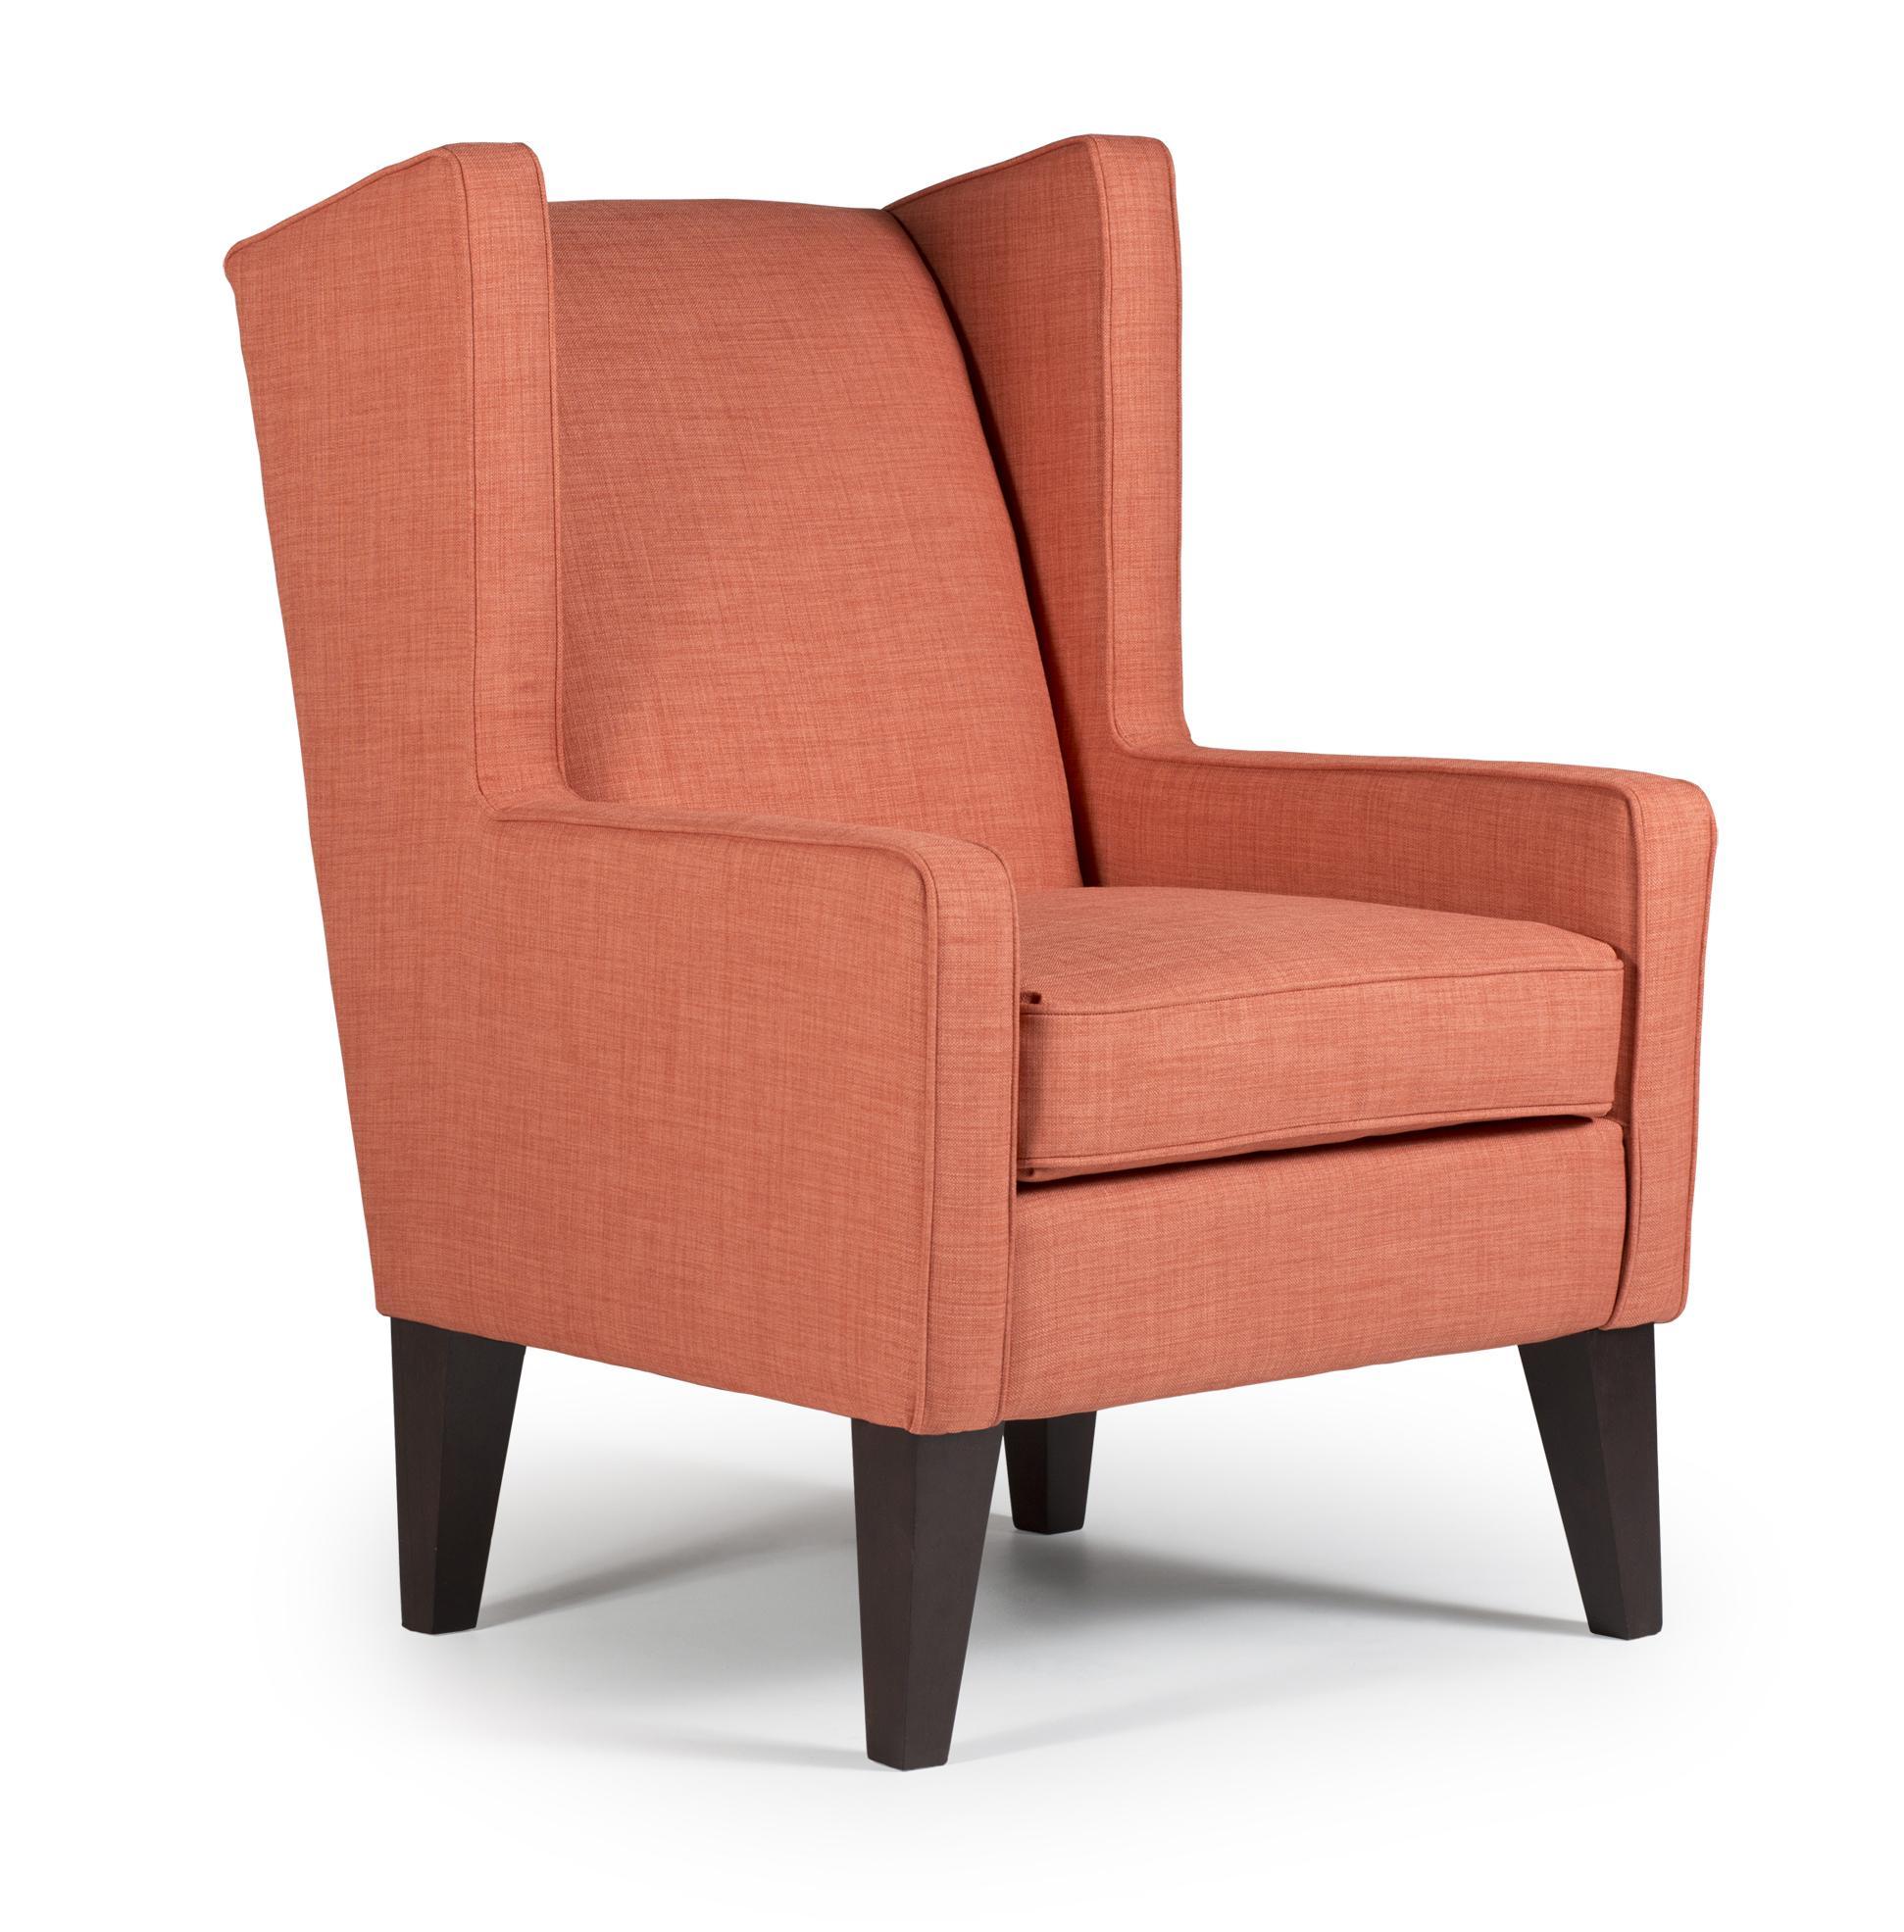 kırmızı kanatlı sandalye